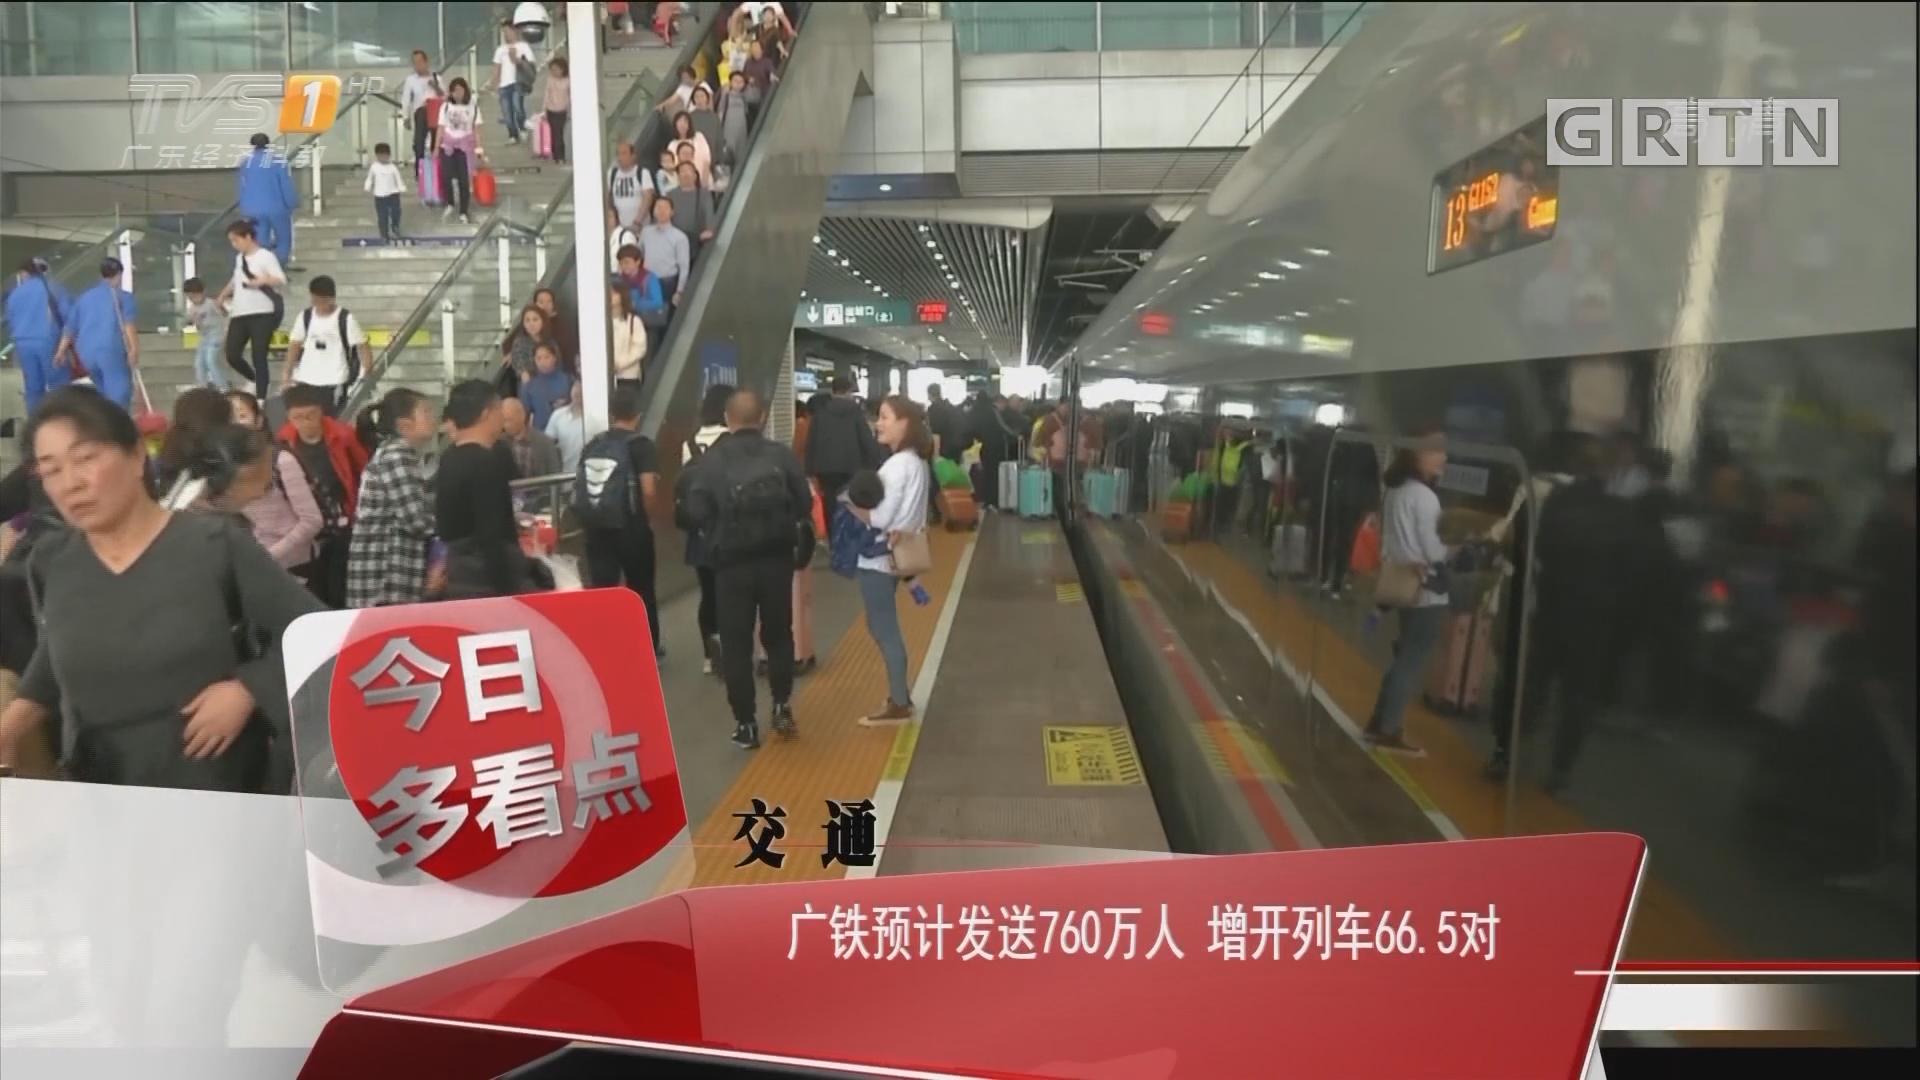 交通:广铁预计发送760万人 增开列车66.5对